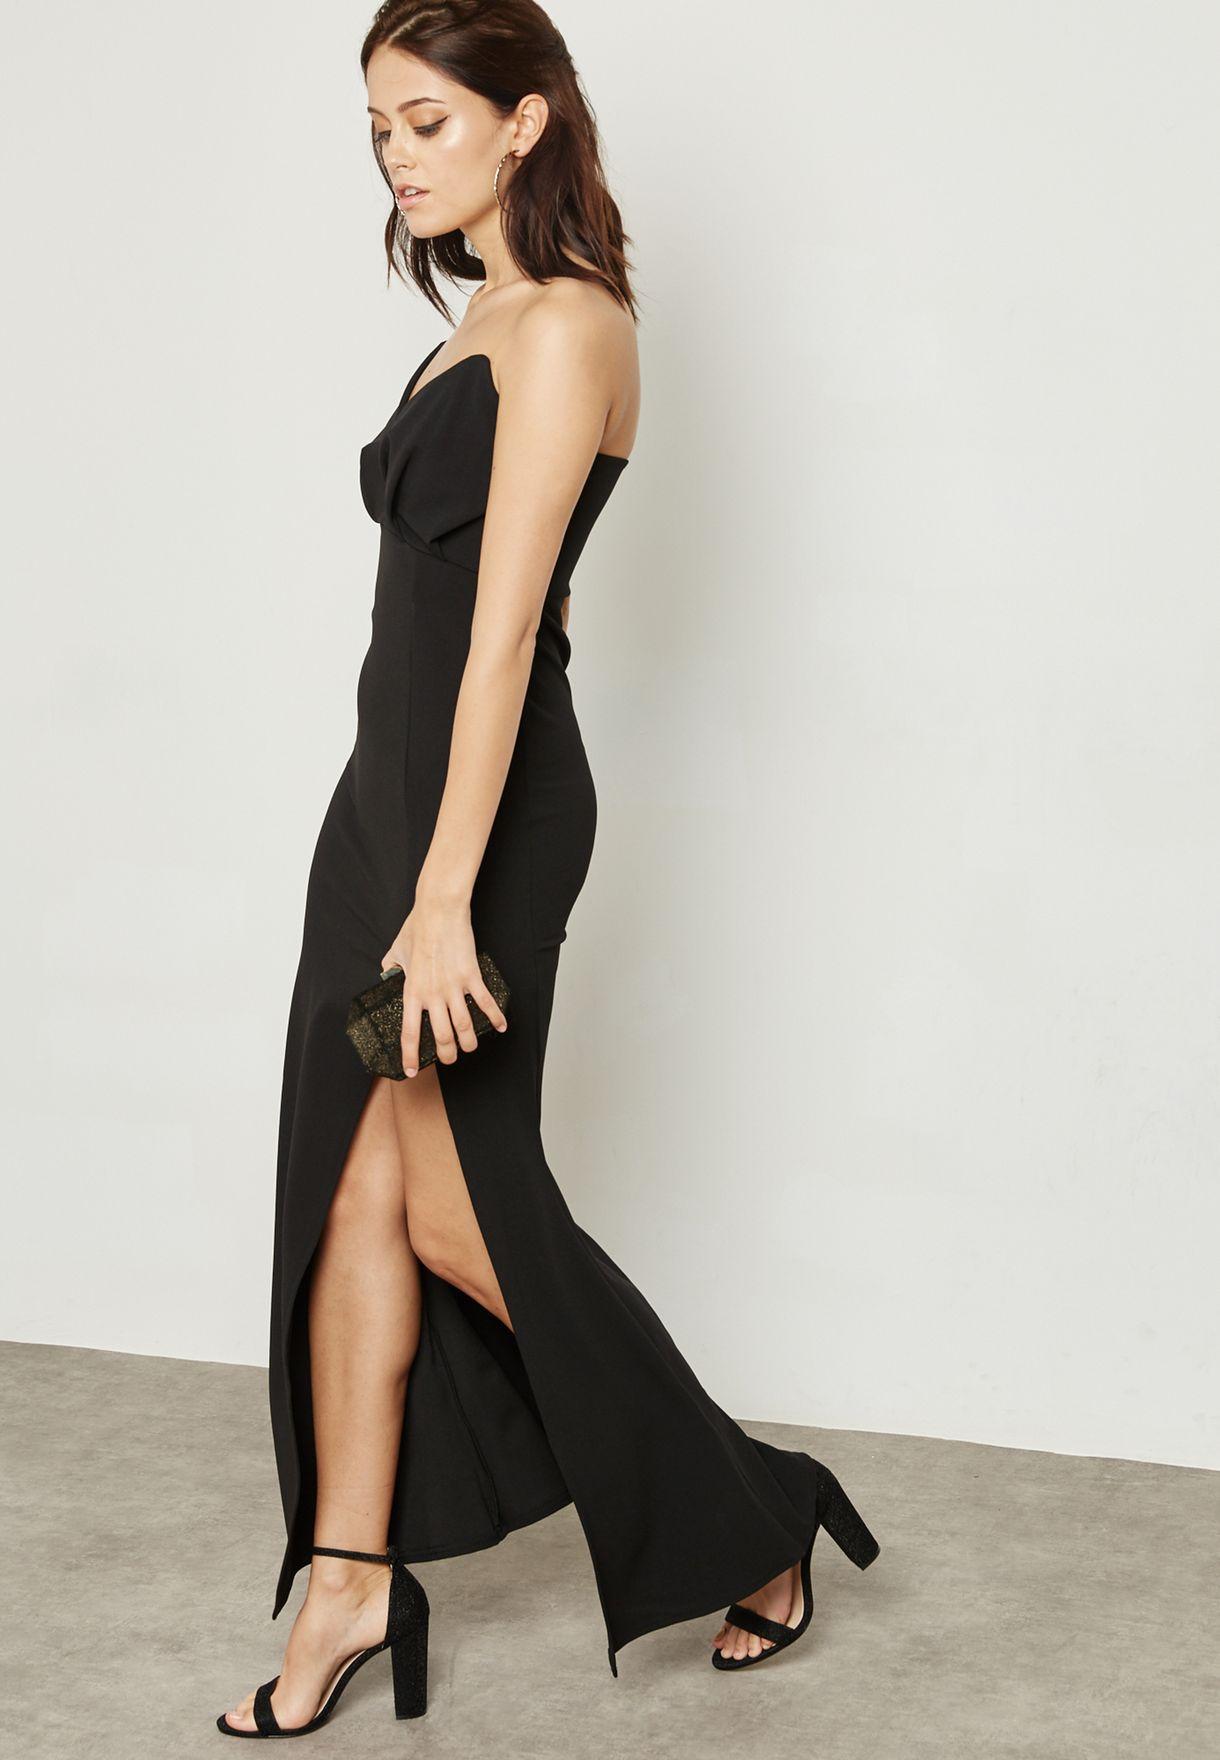 070f90213a Shop Missguided black Bandeau Wrap Top Maxi Dress DE914947 for Women ...